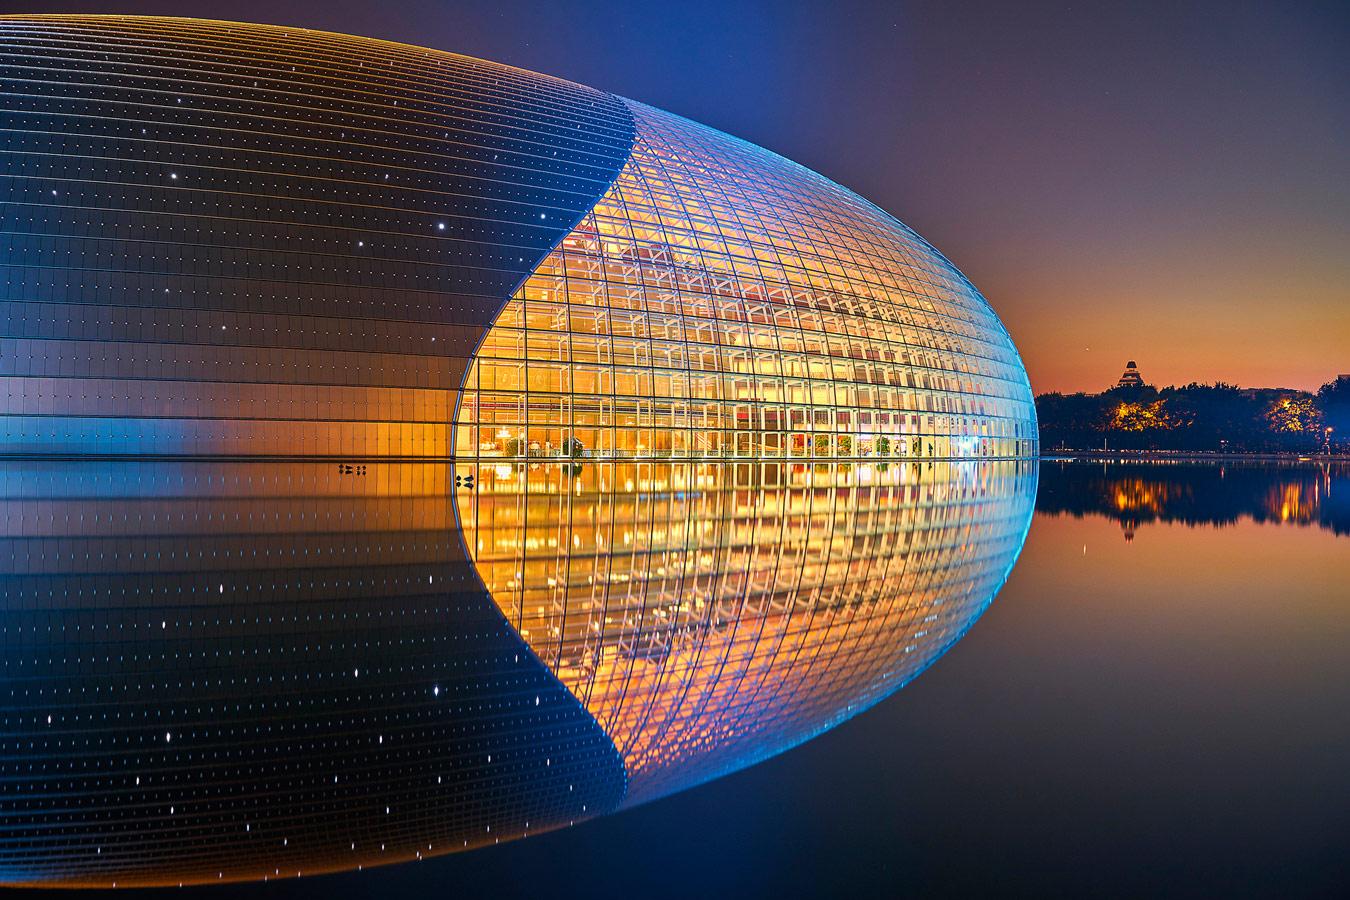 Национальный центр исполнительных искусств, © Мун Хеан, Пучонг, Малайзия, Финалист категории «Архитектура» : Профессионал, Конкурс фотографии «Перспективы» — Perspectives PhotoPlus Expo